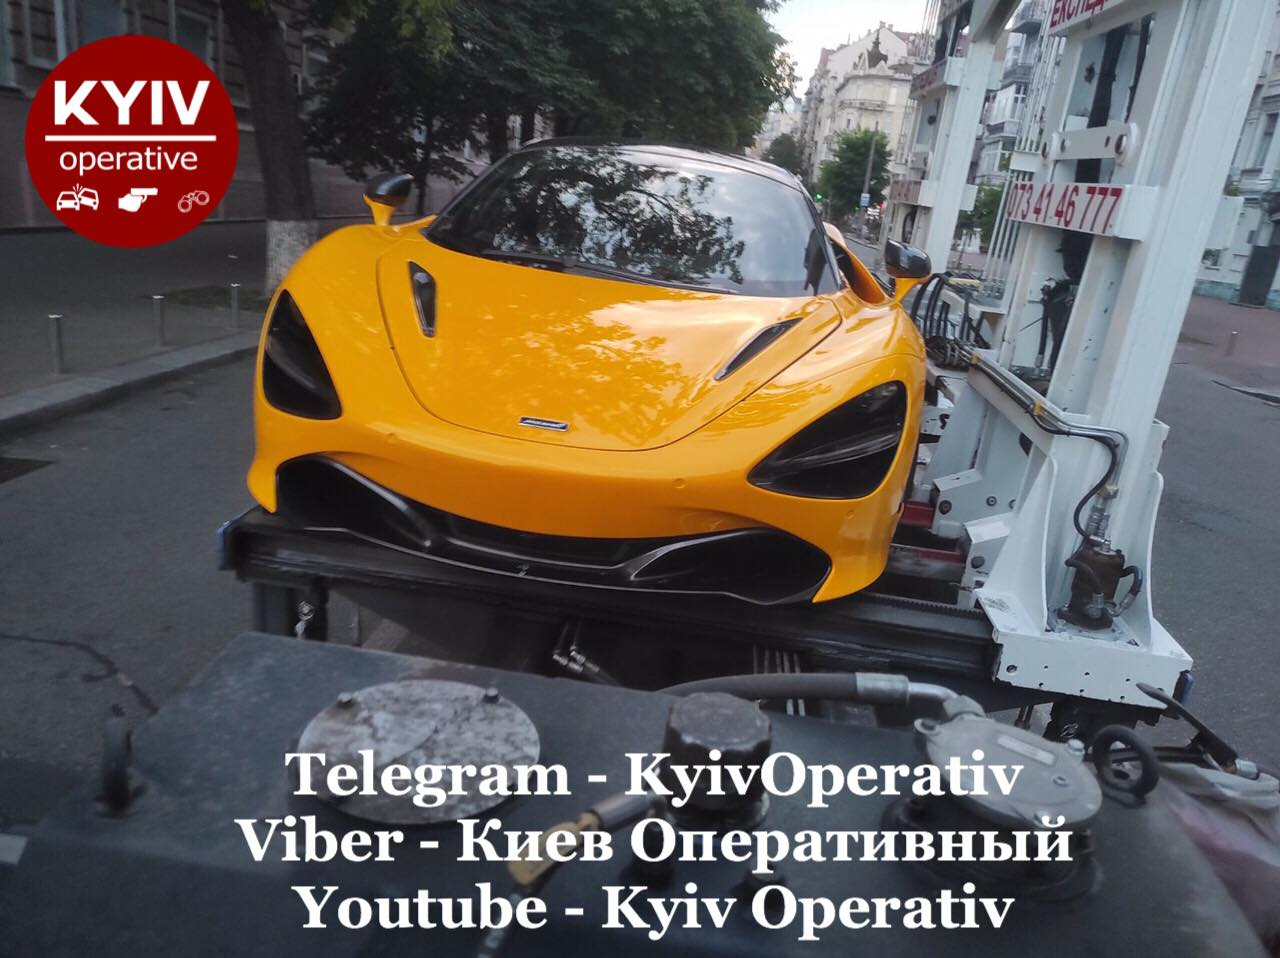 В центре Киева эвакуировали редчайший суперкар McLaren - Обзор